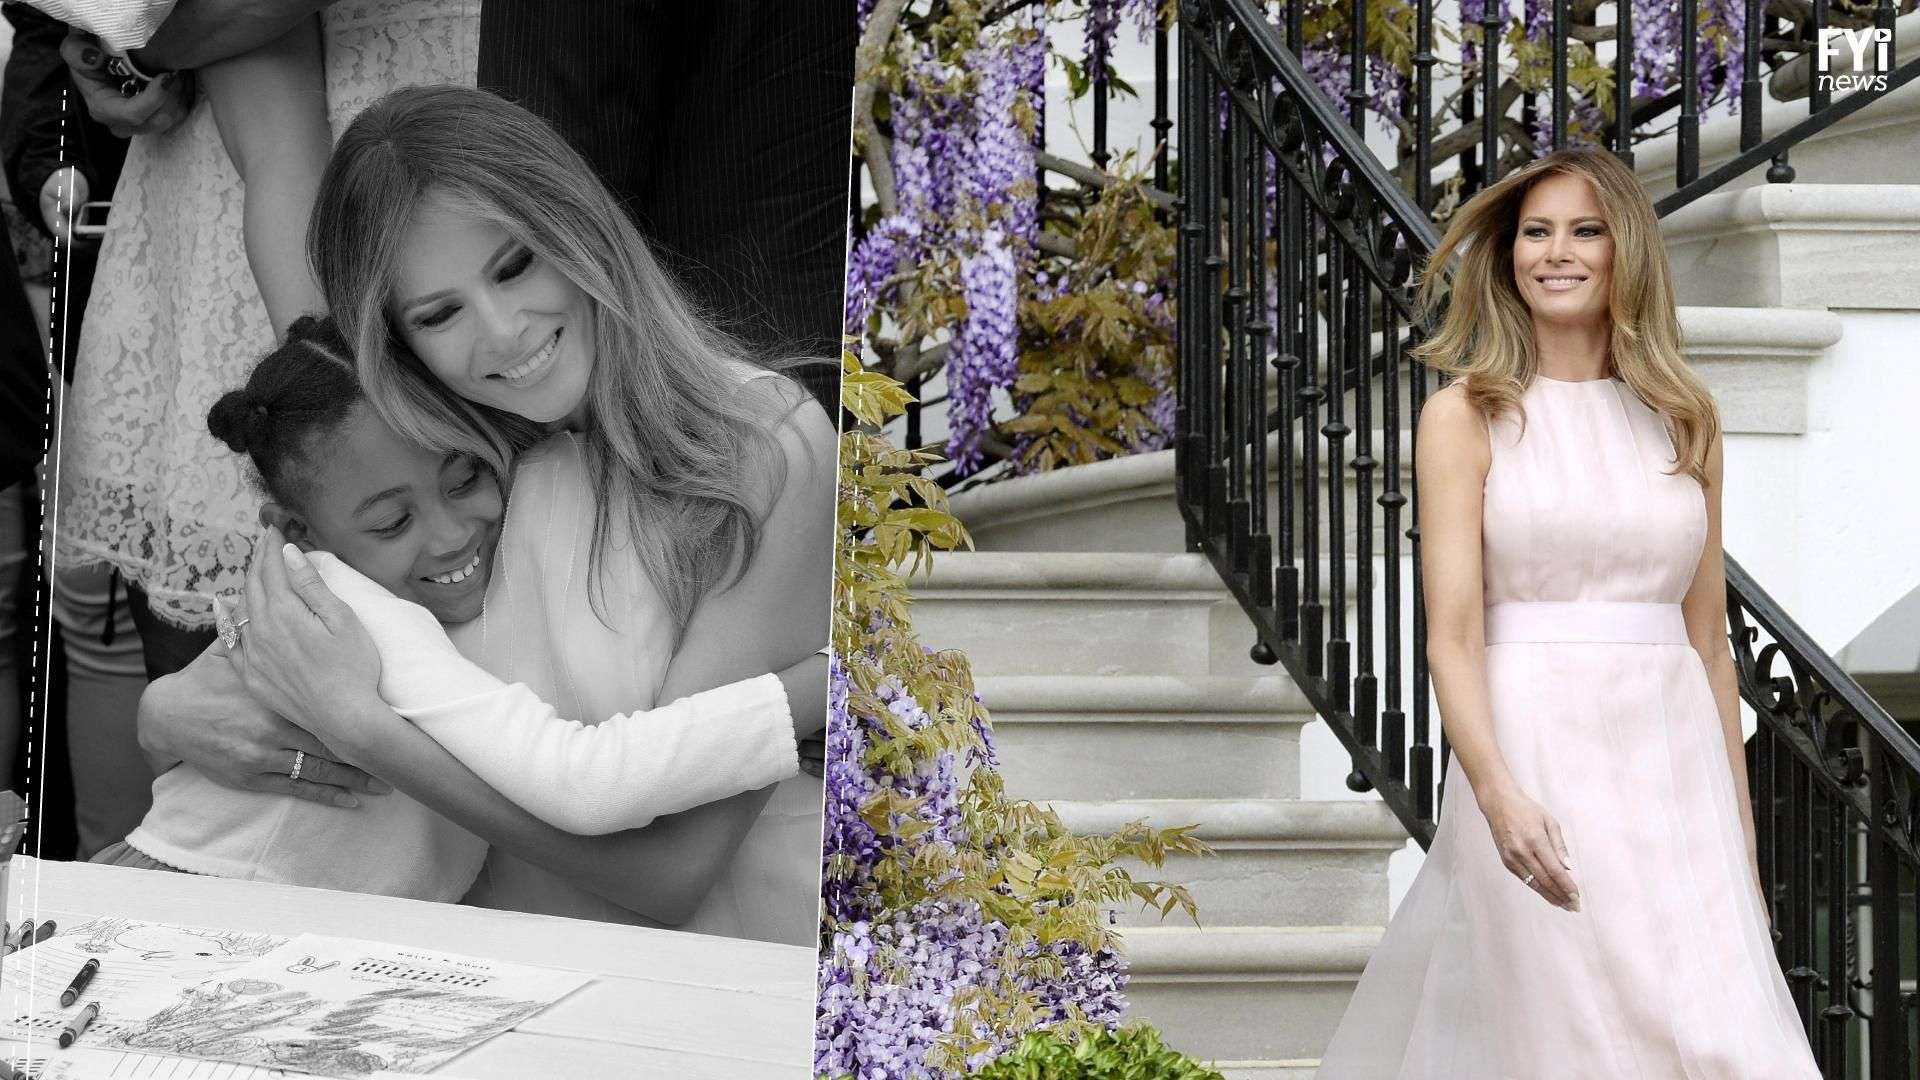 Melania o Ivanka ¿Quién celebra los 100 días como primera dama?